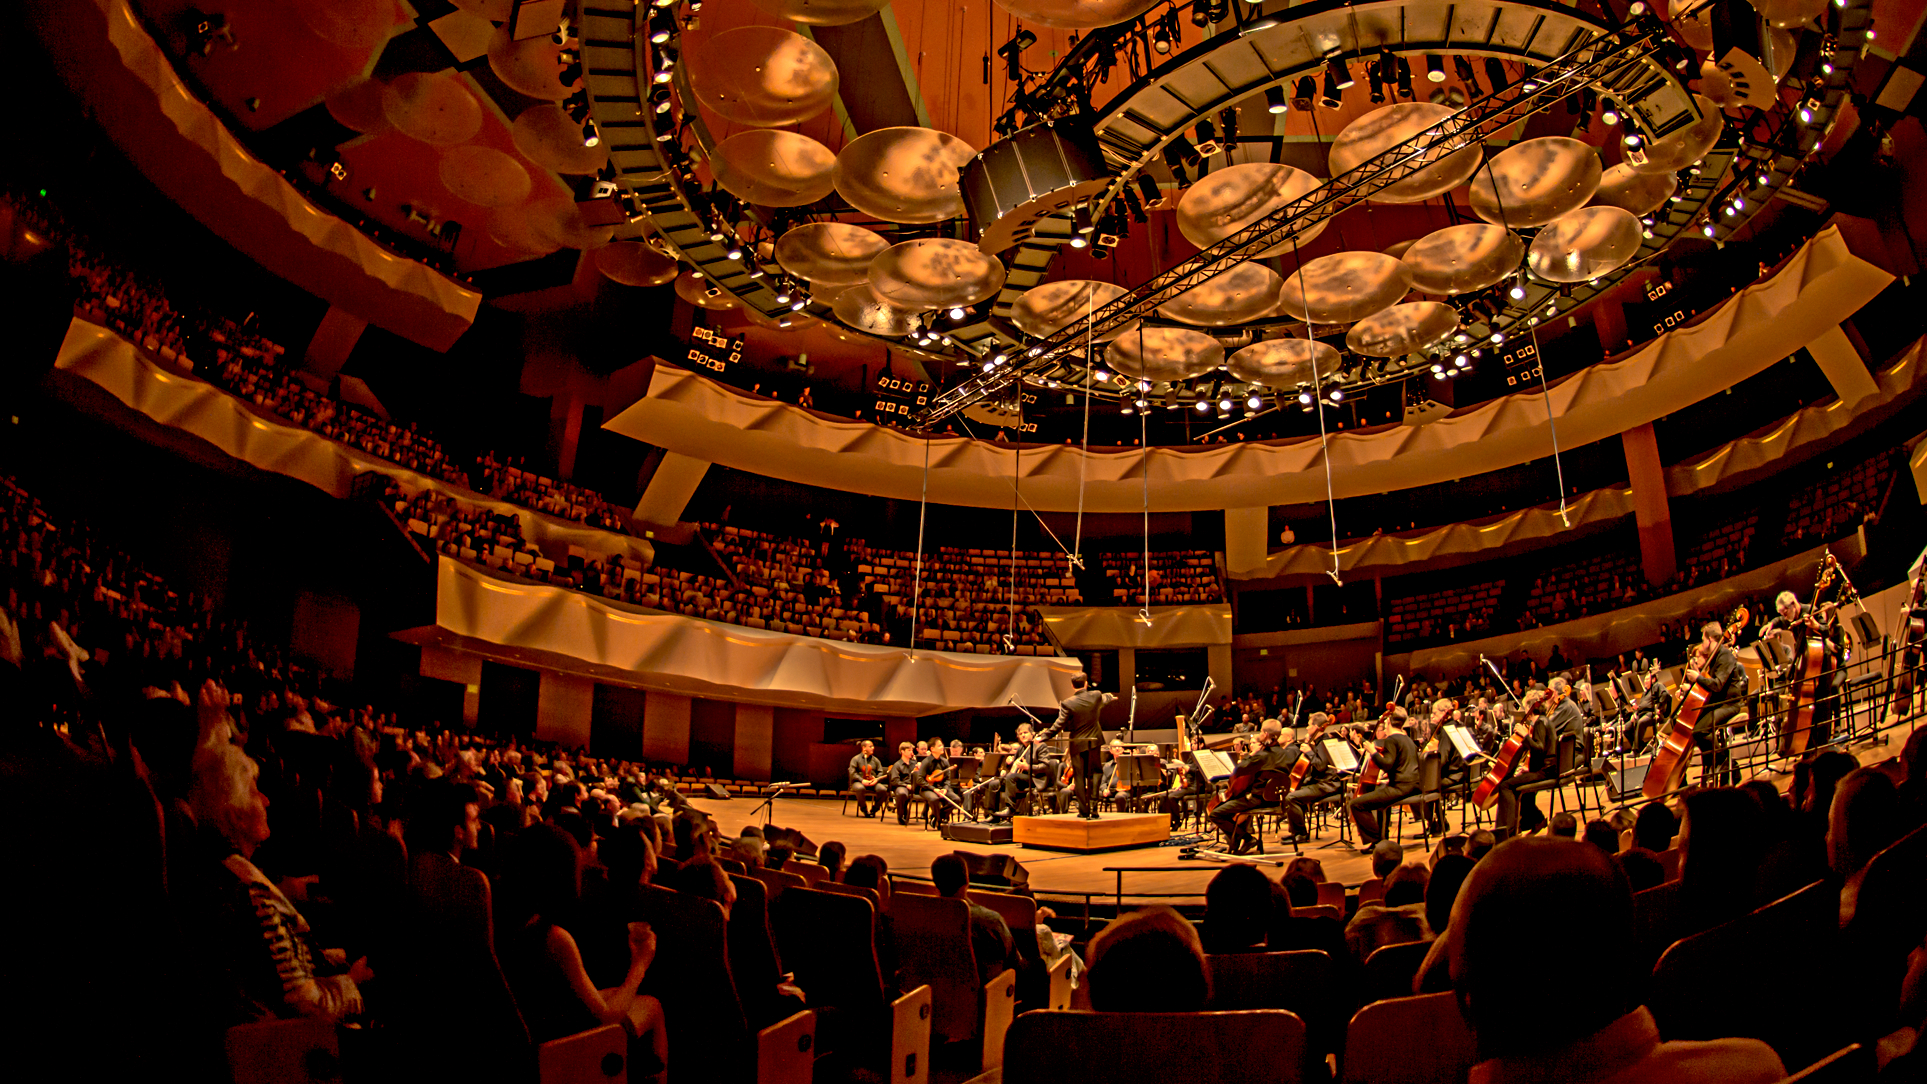 Photo: Boettcher Concert Hall